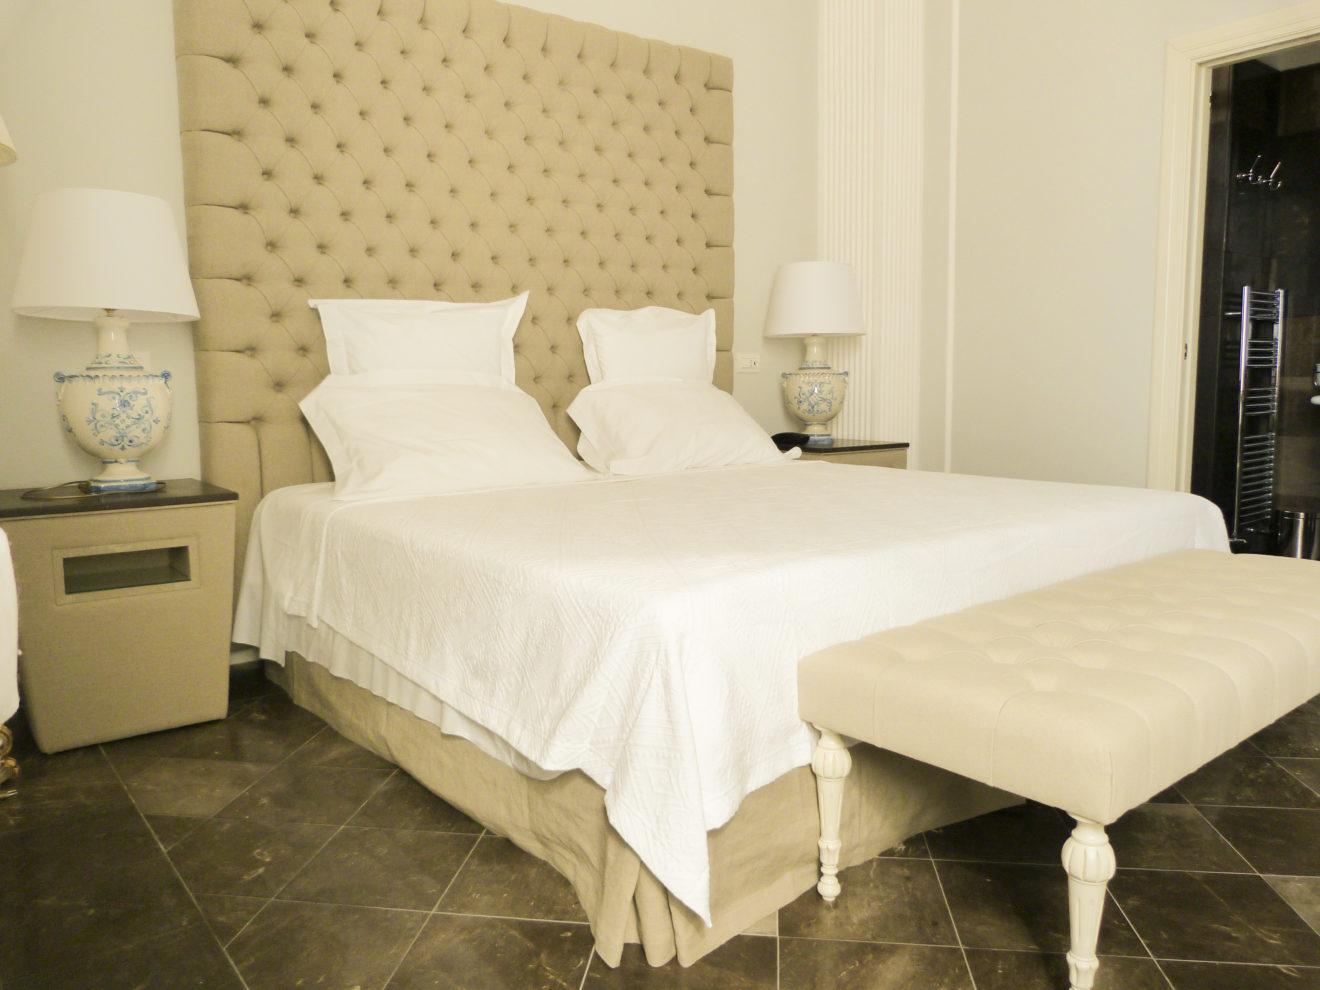 Superior_Camera_Gagliardi_Boutique_hotel_noto_centro_Barocco_luxury_lusso_118